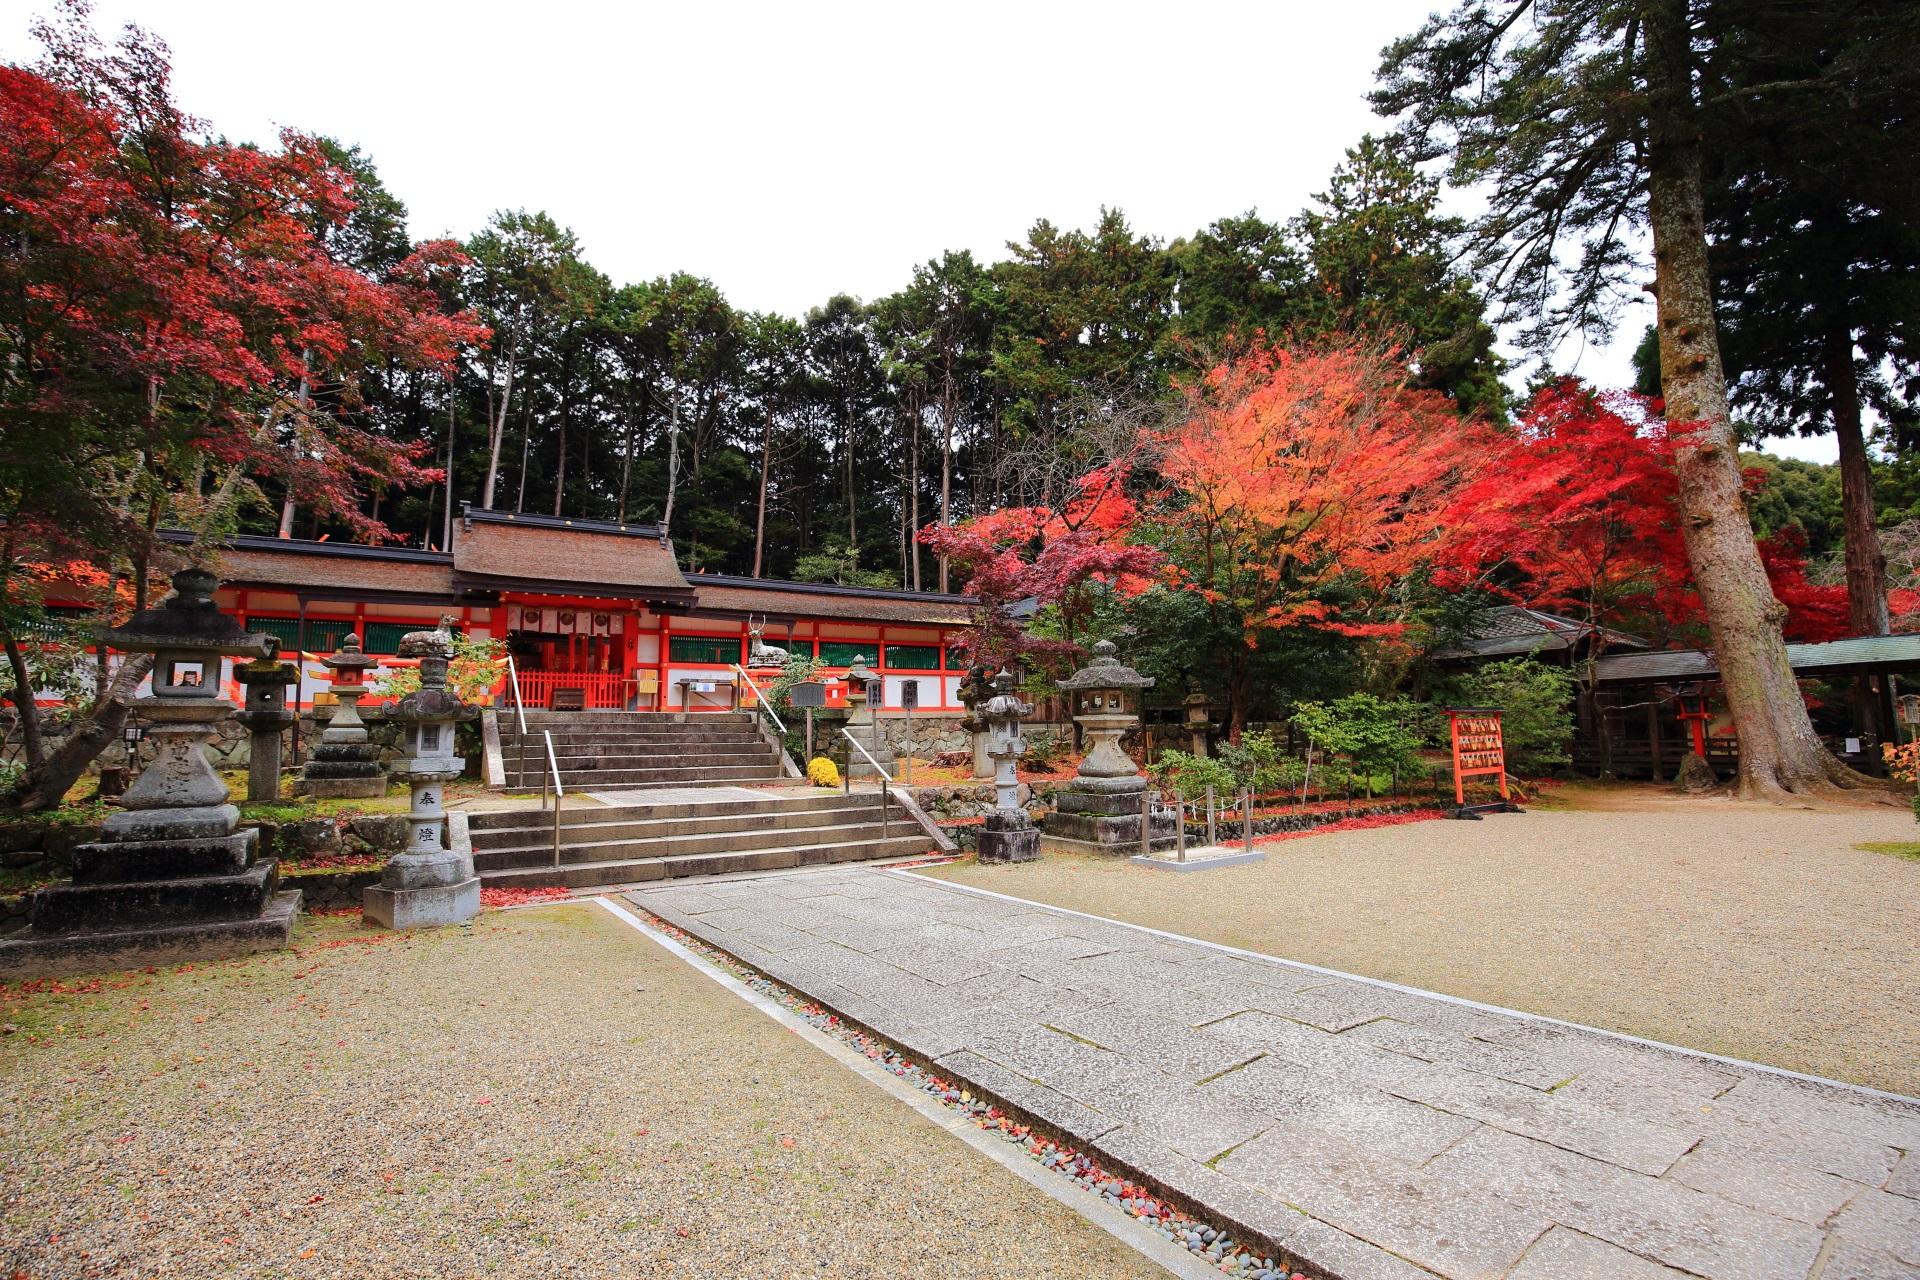 大原野神社の本殿と多彩な紅葉